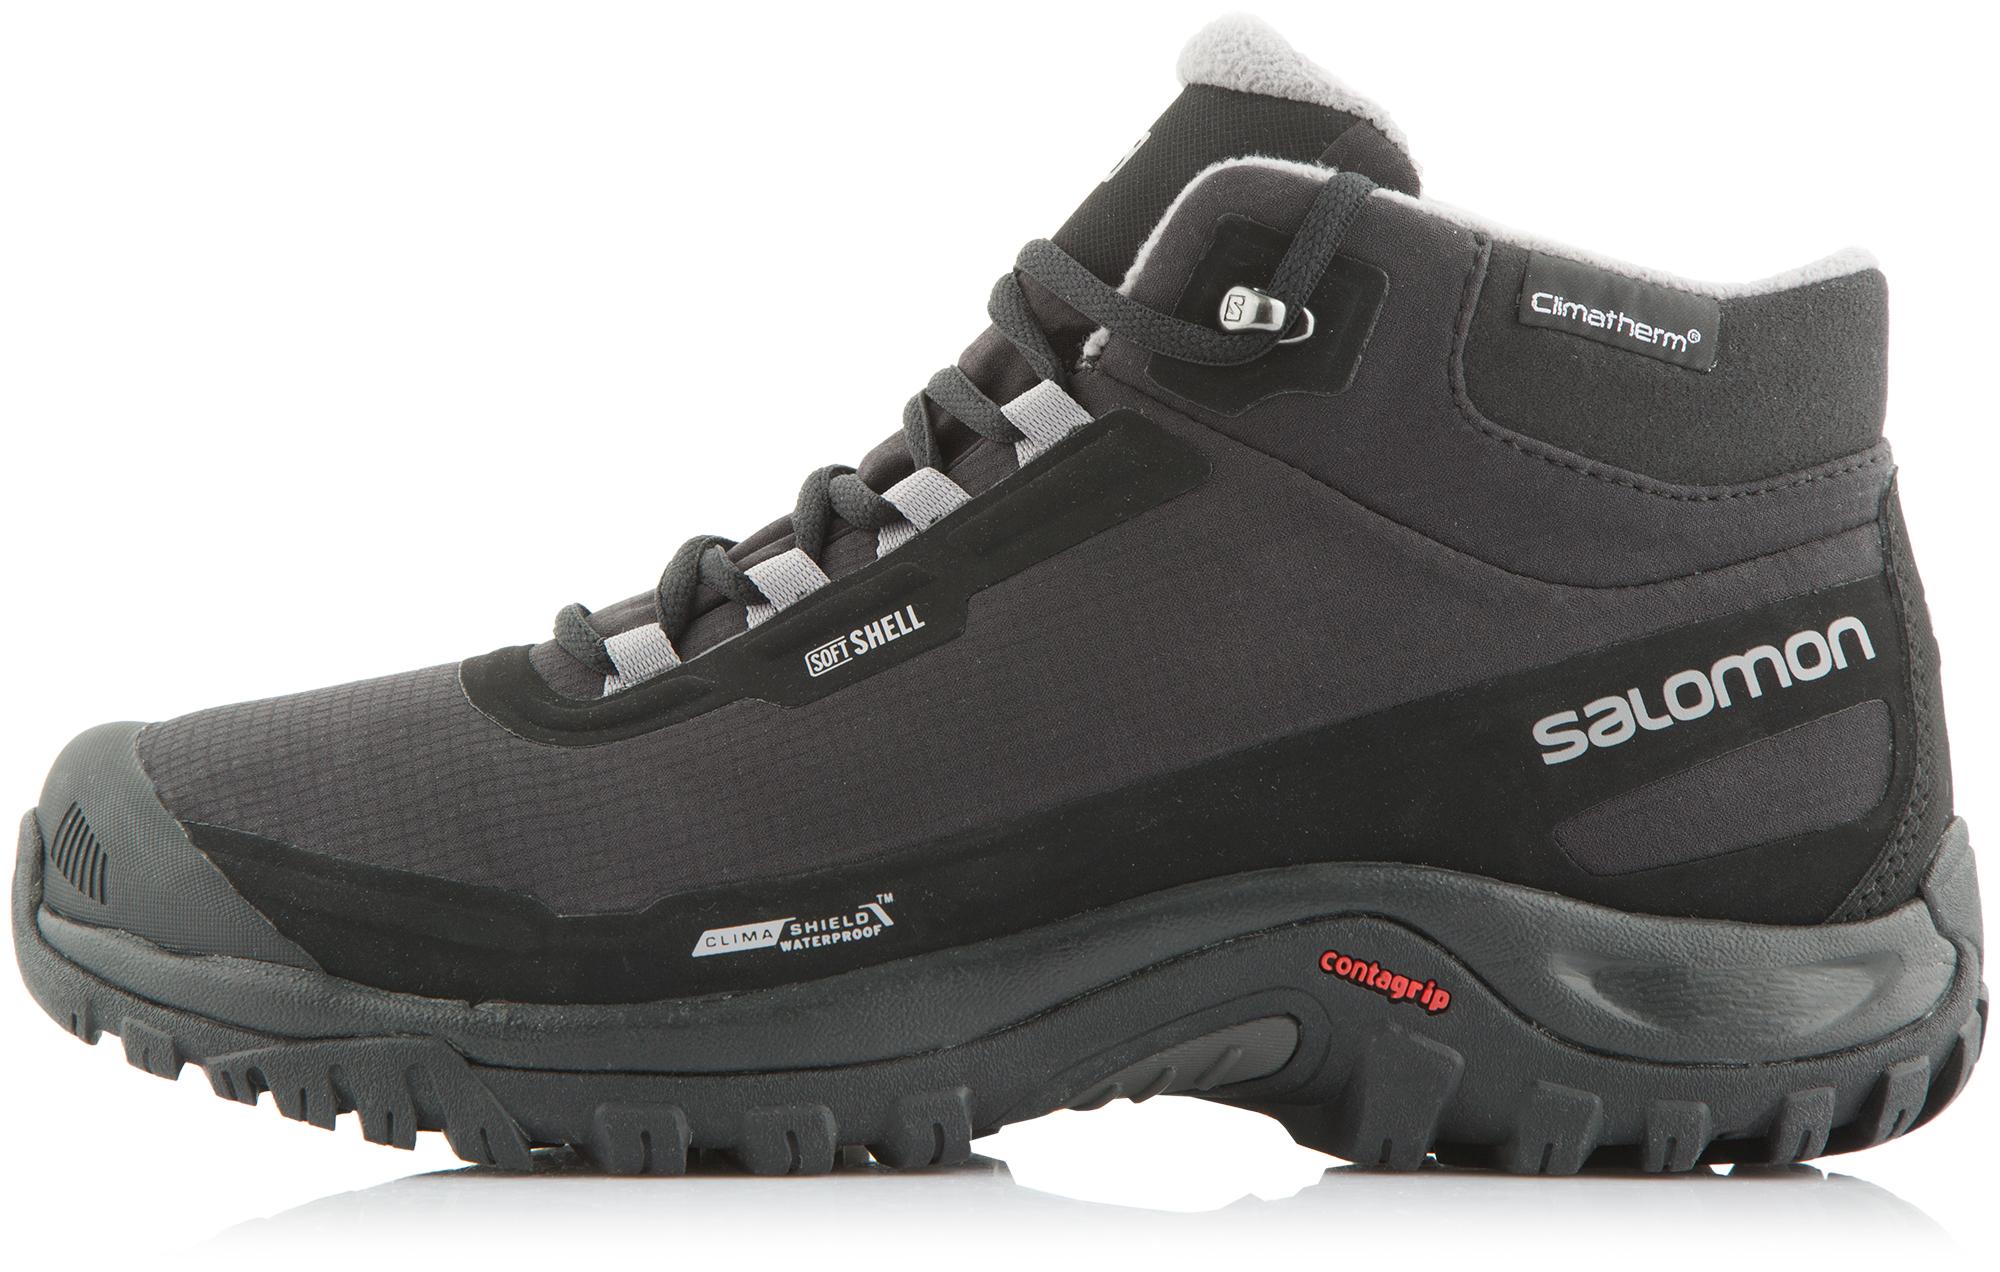 Salomon Ботинки утепленные мужские Salomon Shelter, размер 39 ботинки мужские зимние tr aym 15a синий размер 45